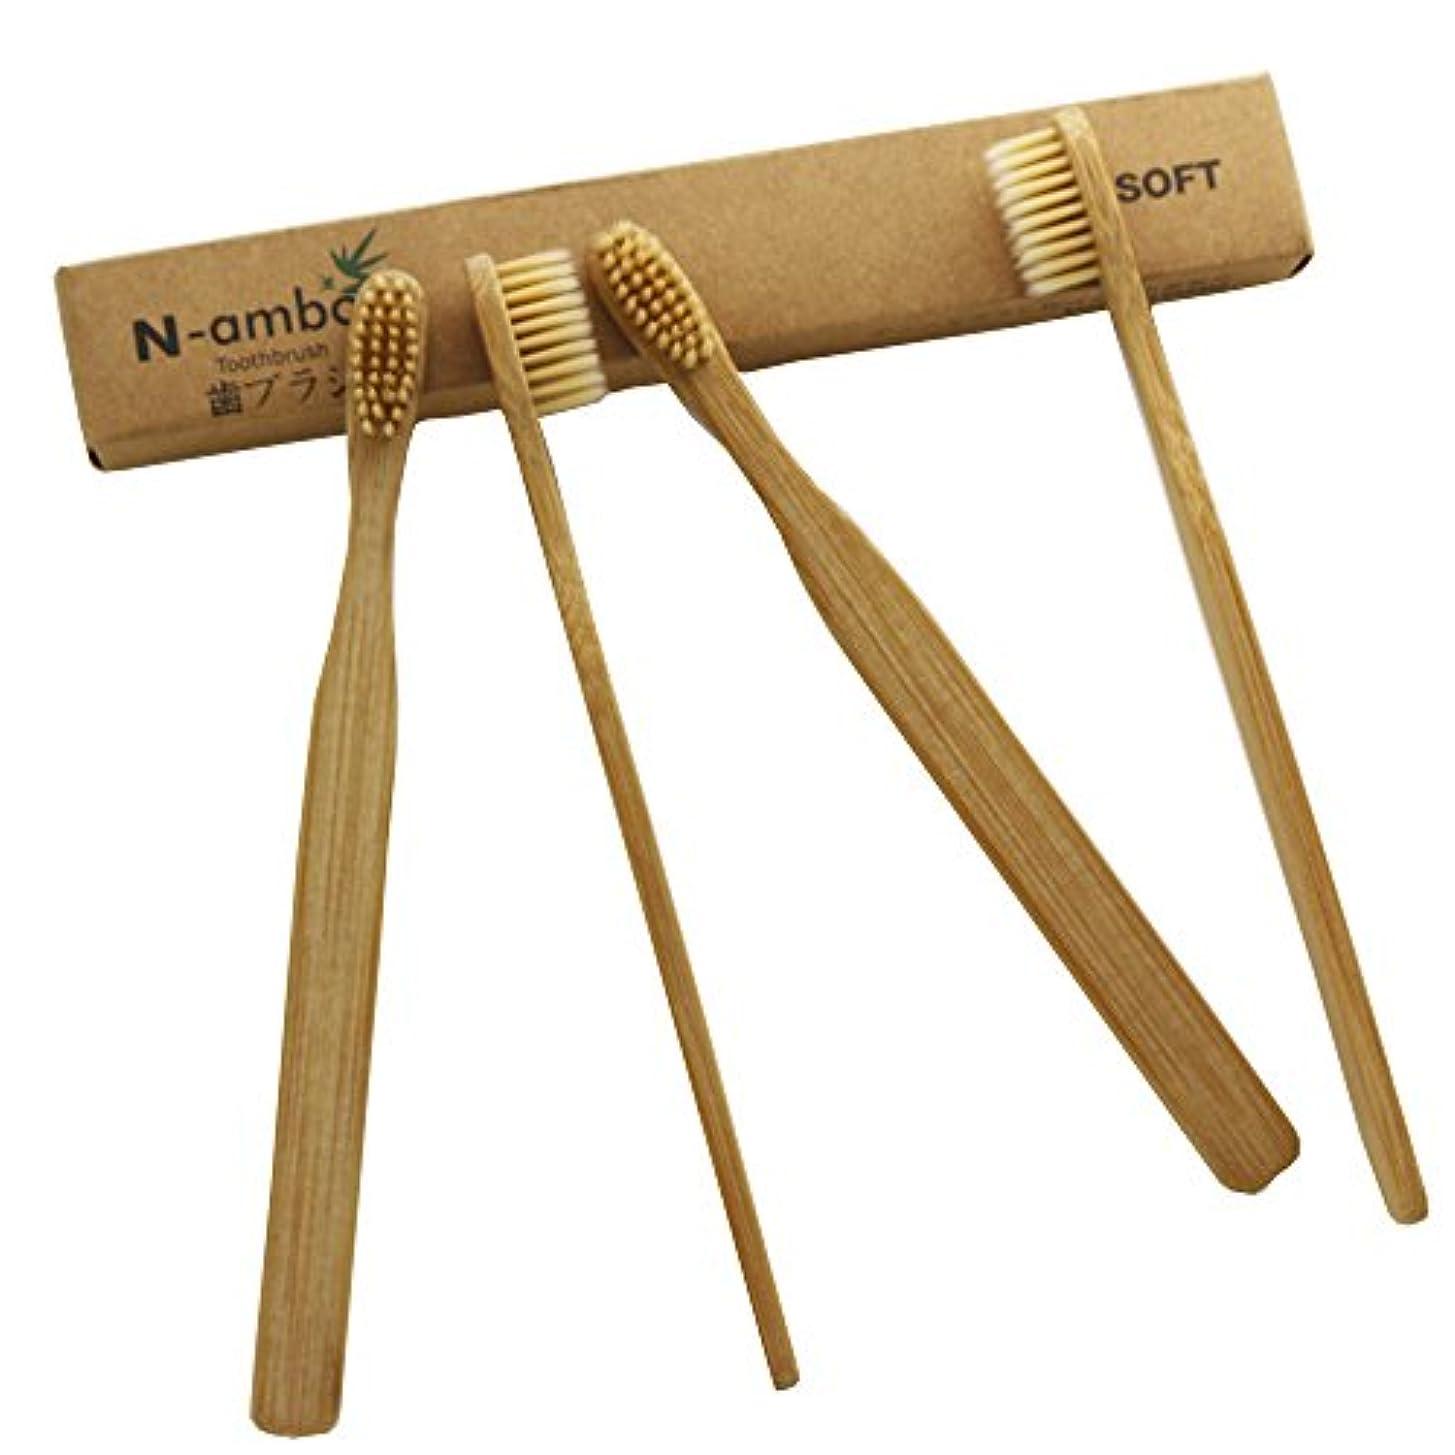 寮期待する連想N-amboo 竹製 歯ブラシ 高耐久性 セット エコ ハンドル大きめ ベージュ (4本)